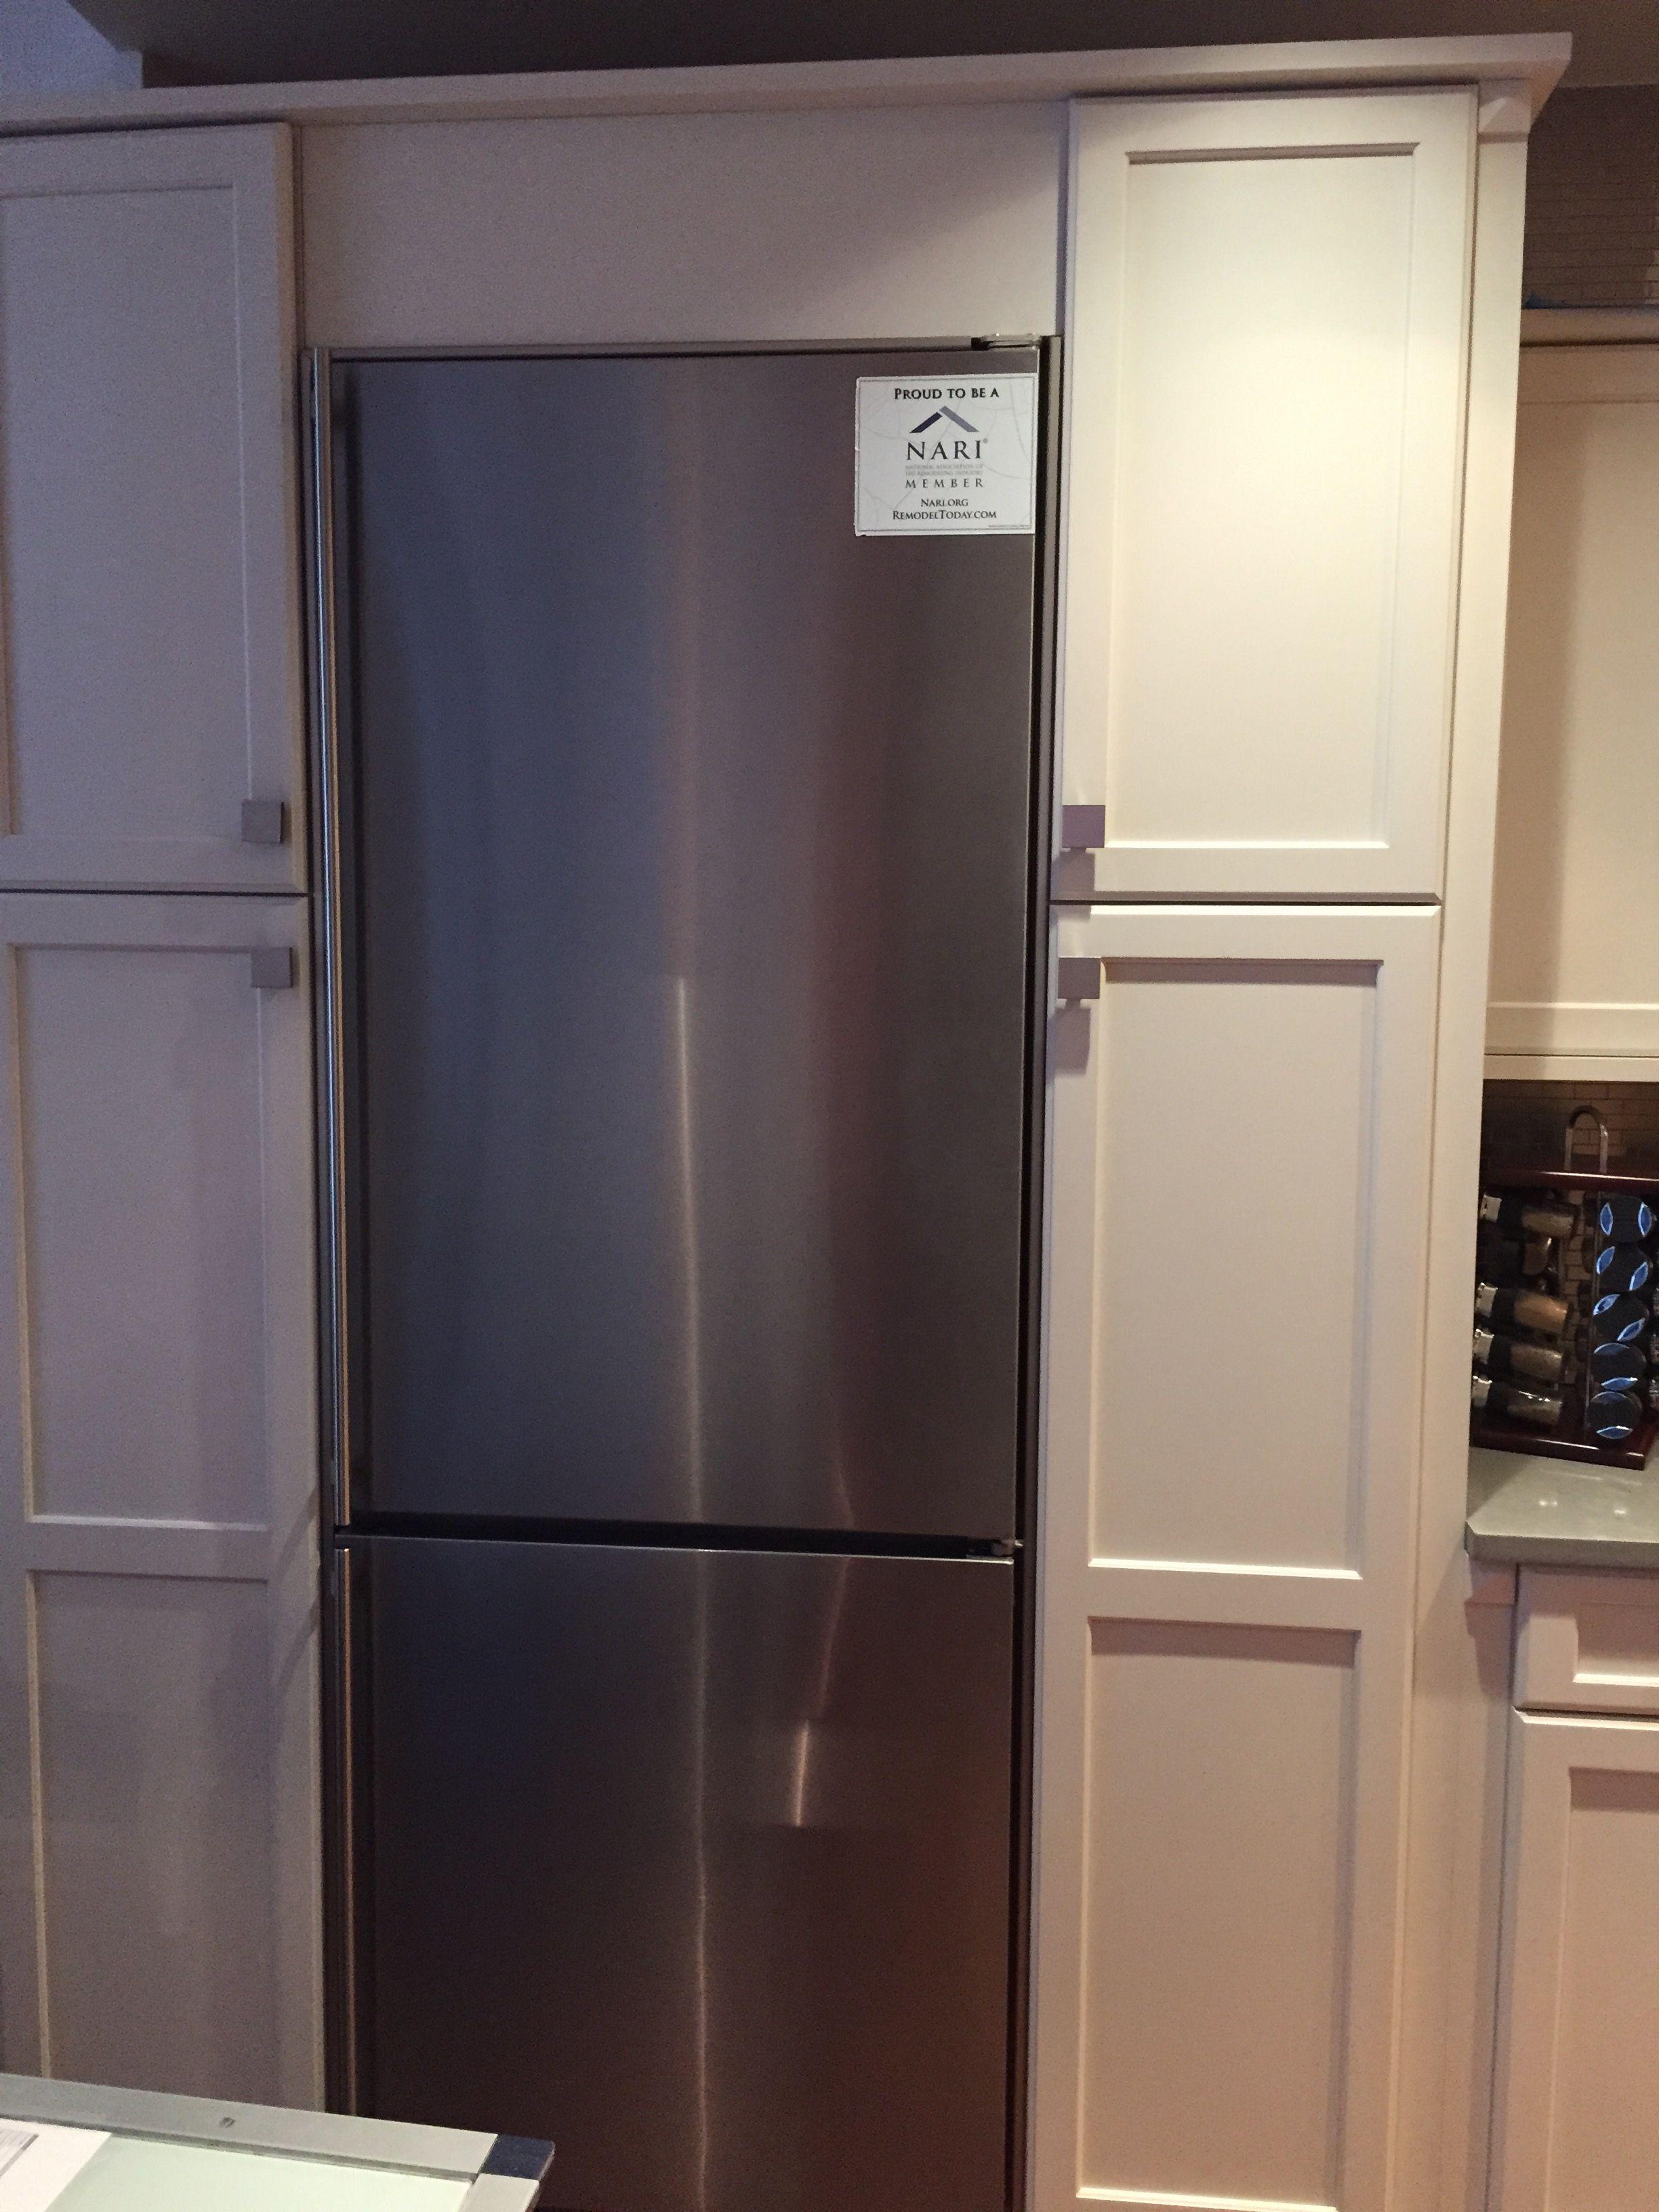 Pin By Robdom On Kitchen 1 Kitchen Kitchen Appliances French Door Refrigerator